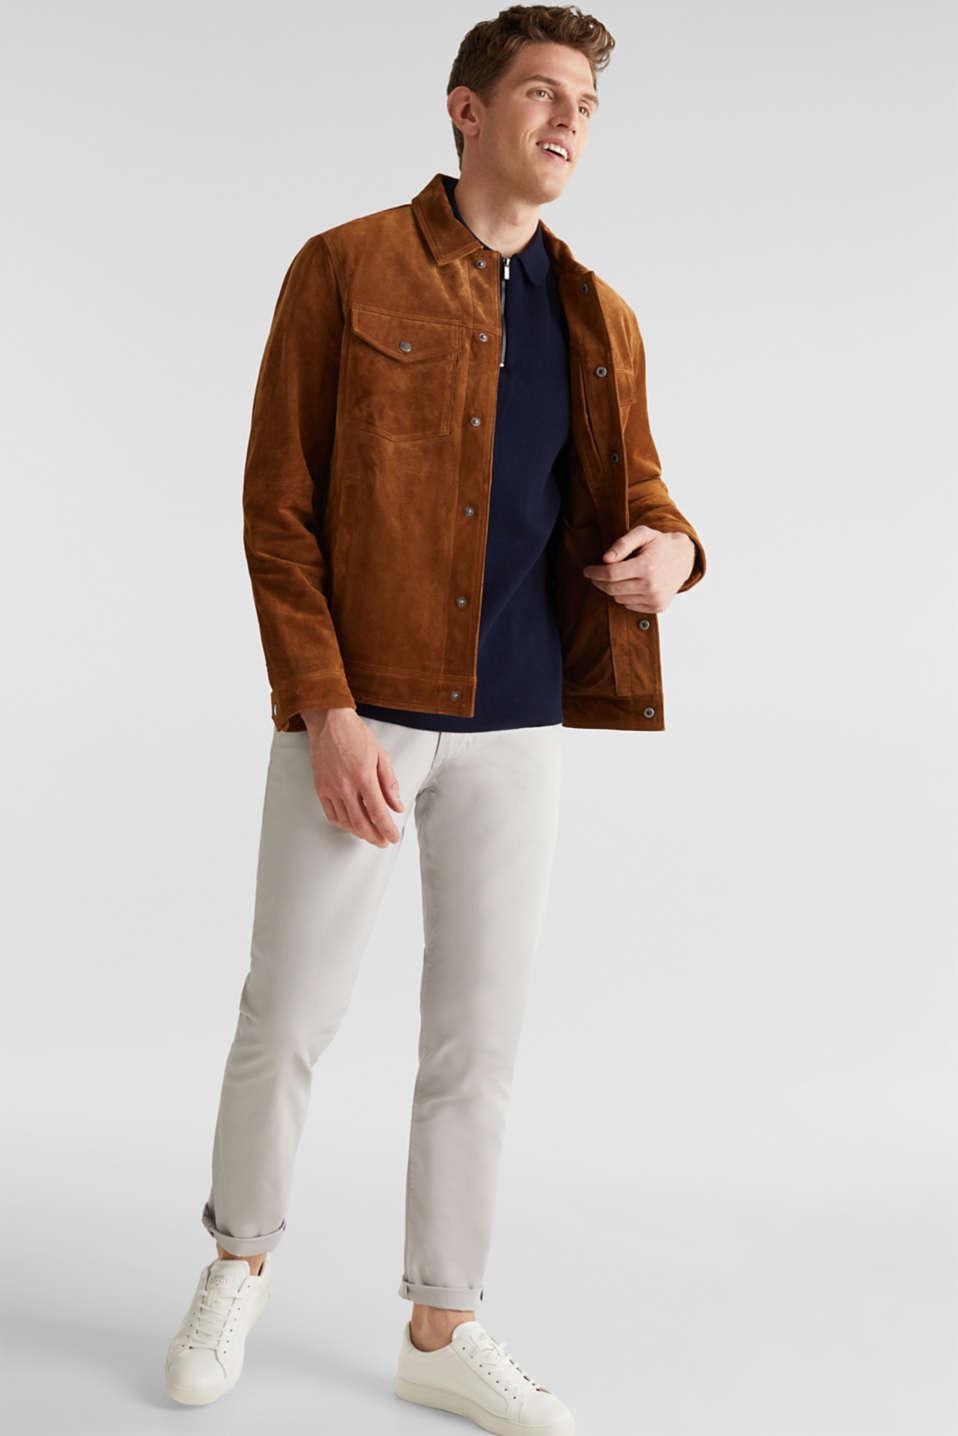 Short-sleeved knit jumper, NAVY, detail image number 1